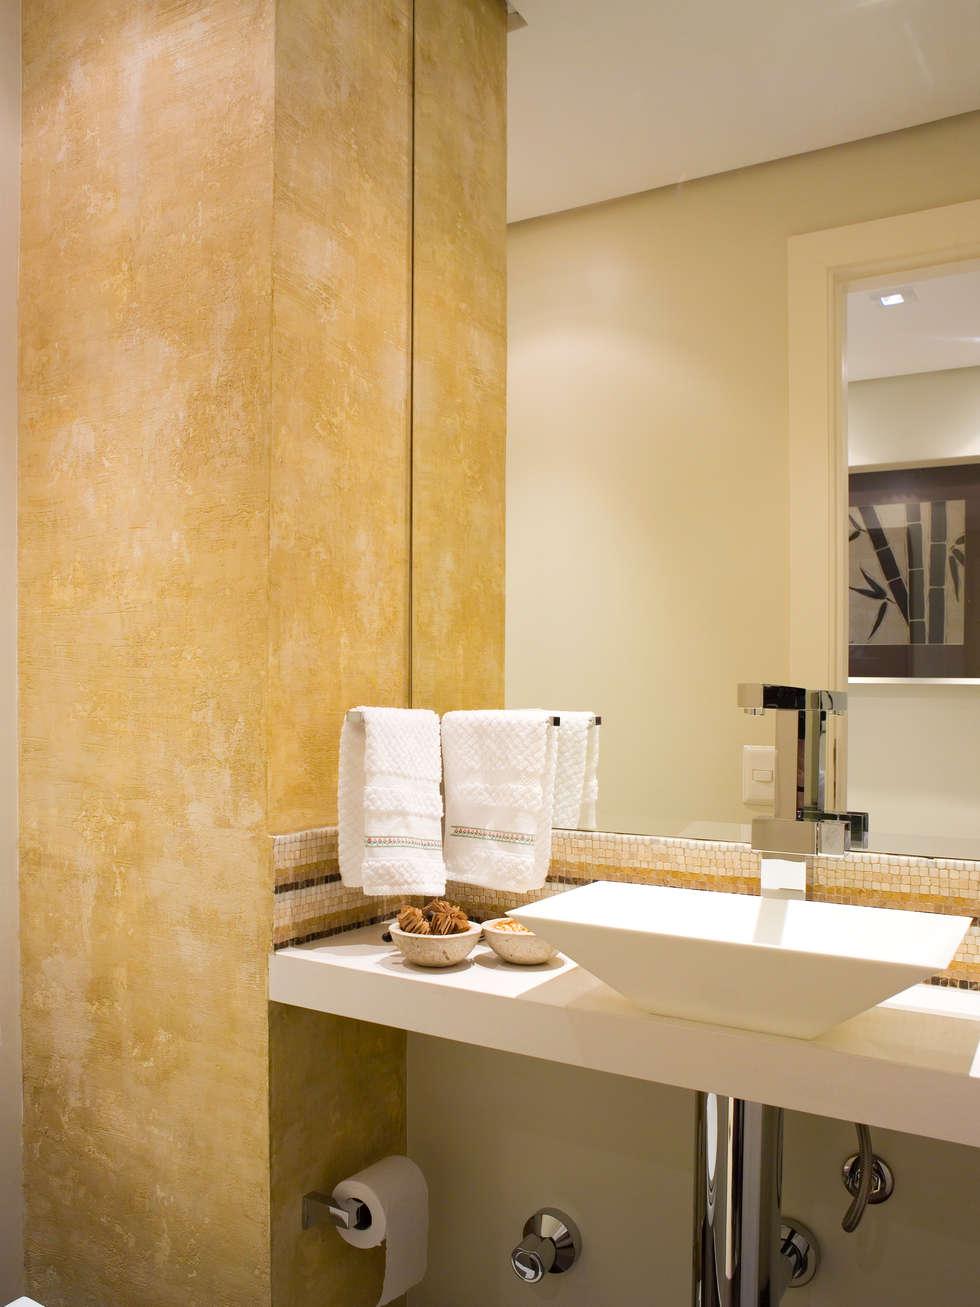 lavabo: Banheiros clássicos por Flávia Brandão - arquitetura, interiores e obras